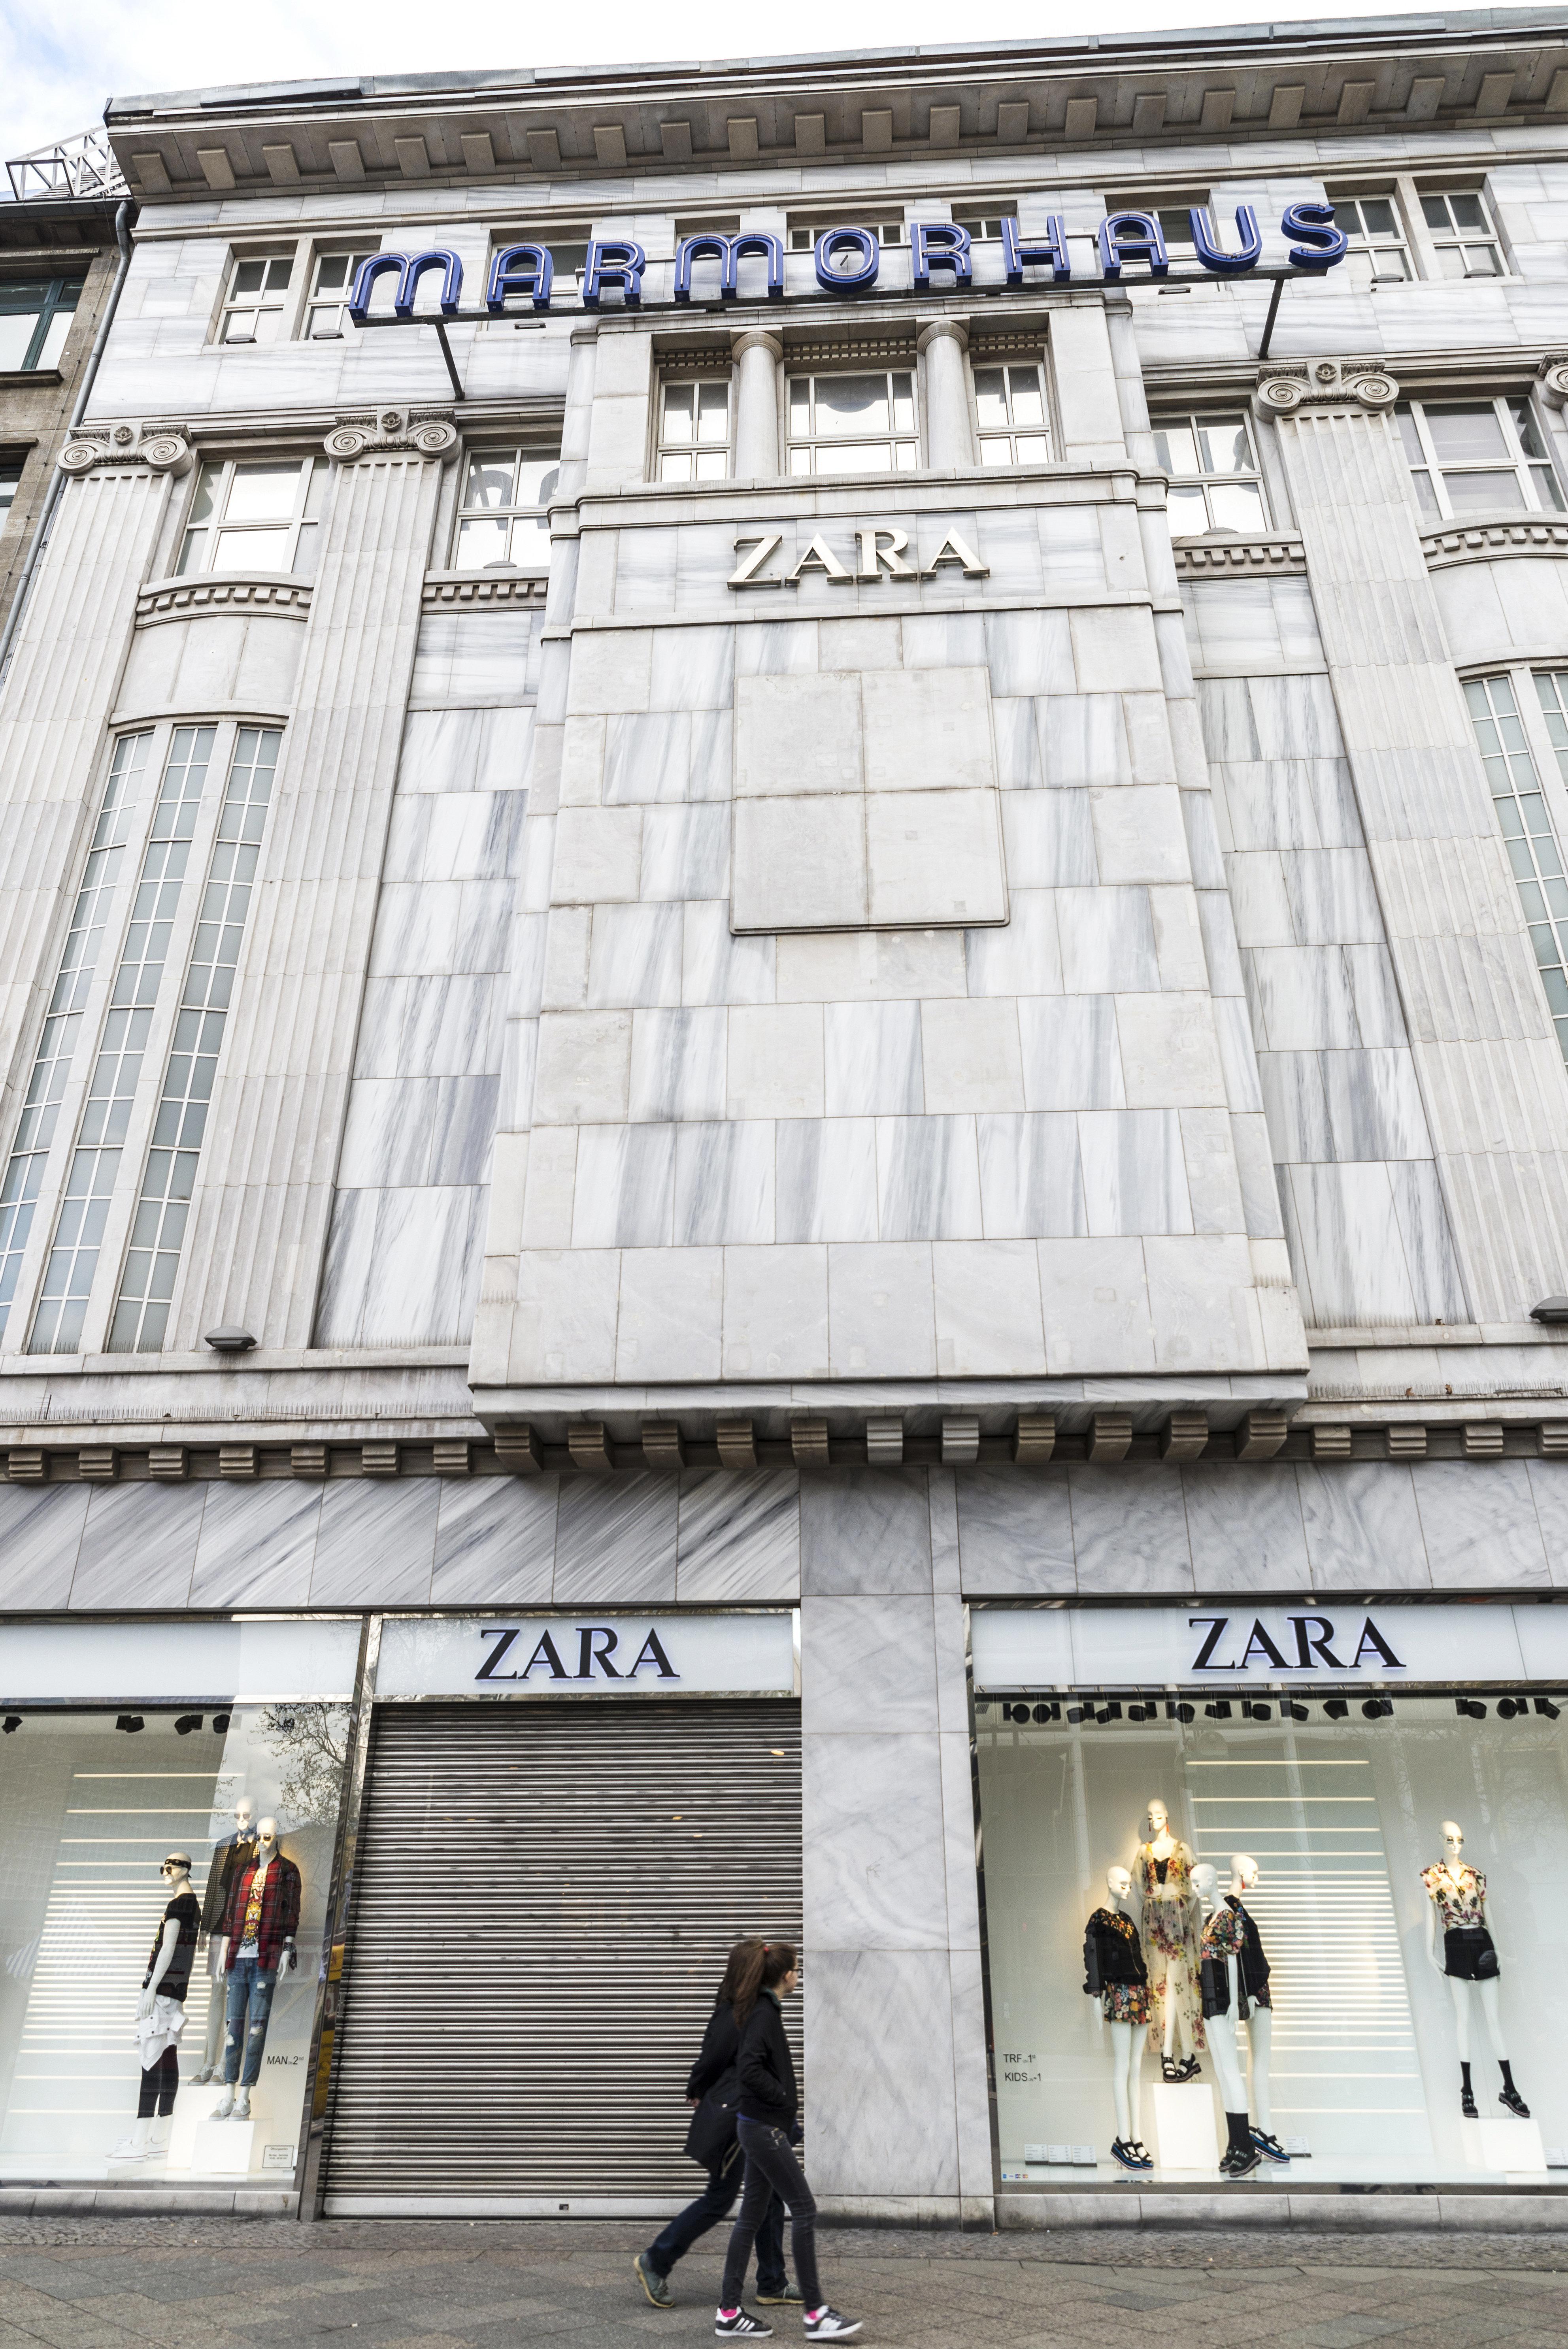 Τα Zara άλλαξαν λογότυπο και το twitter δεν